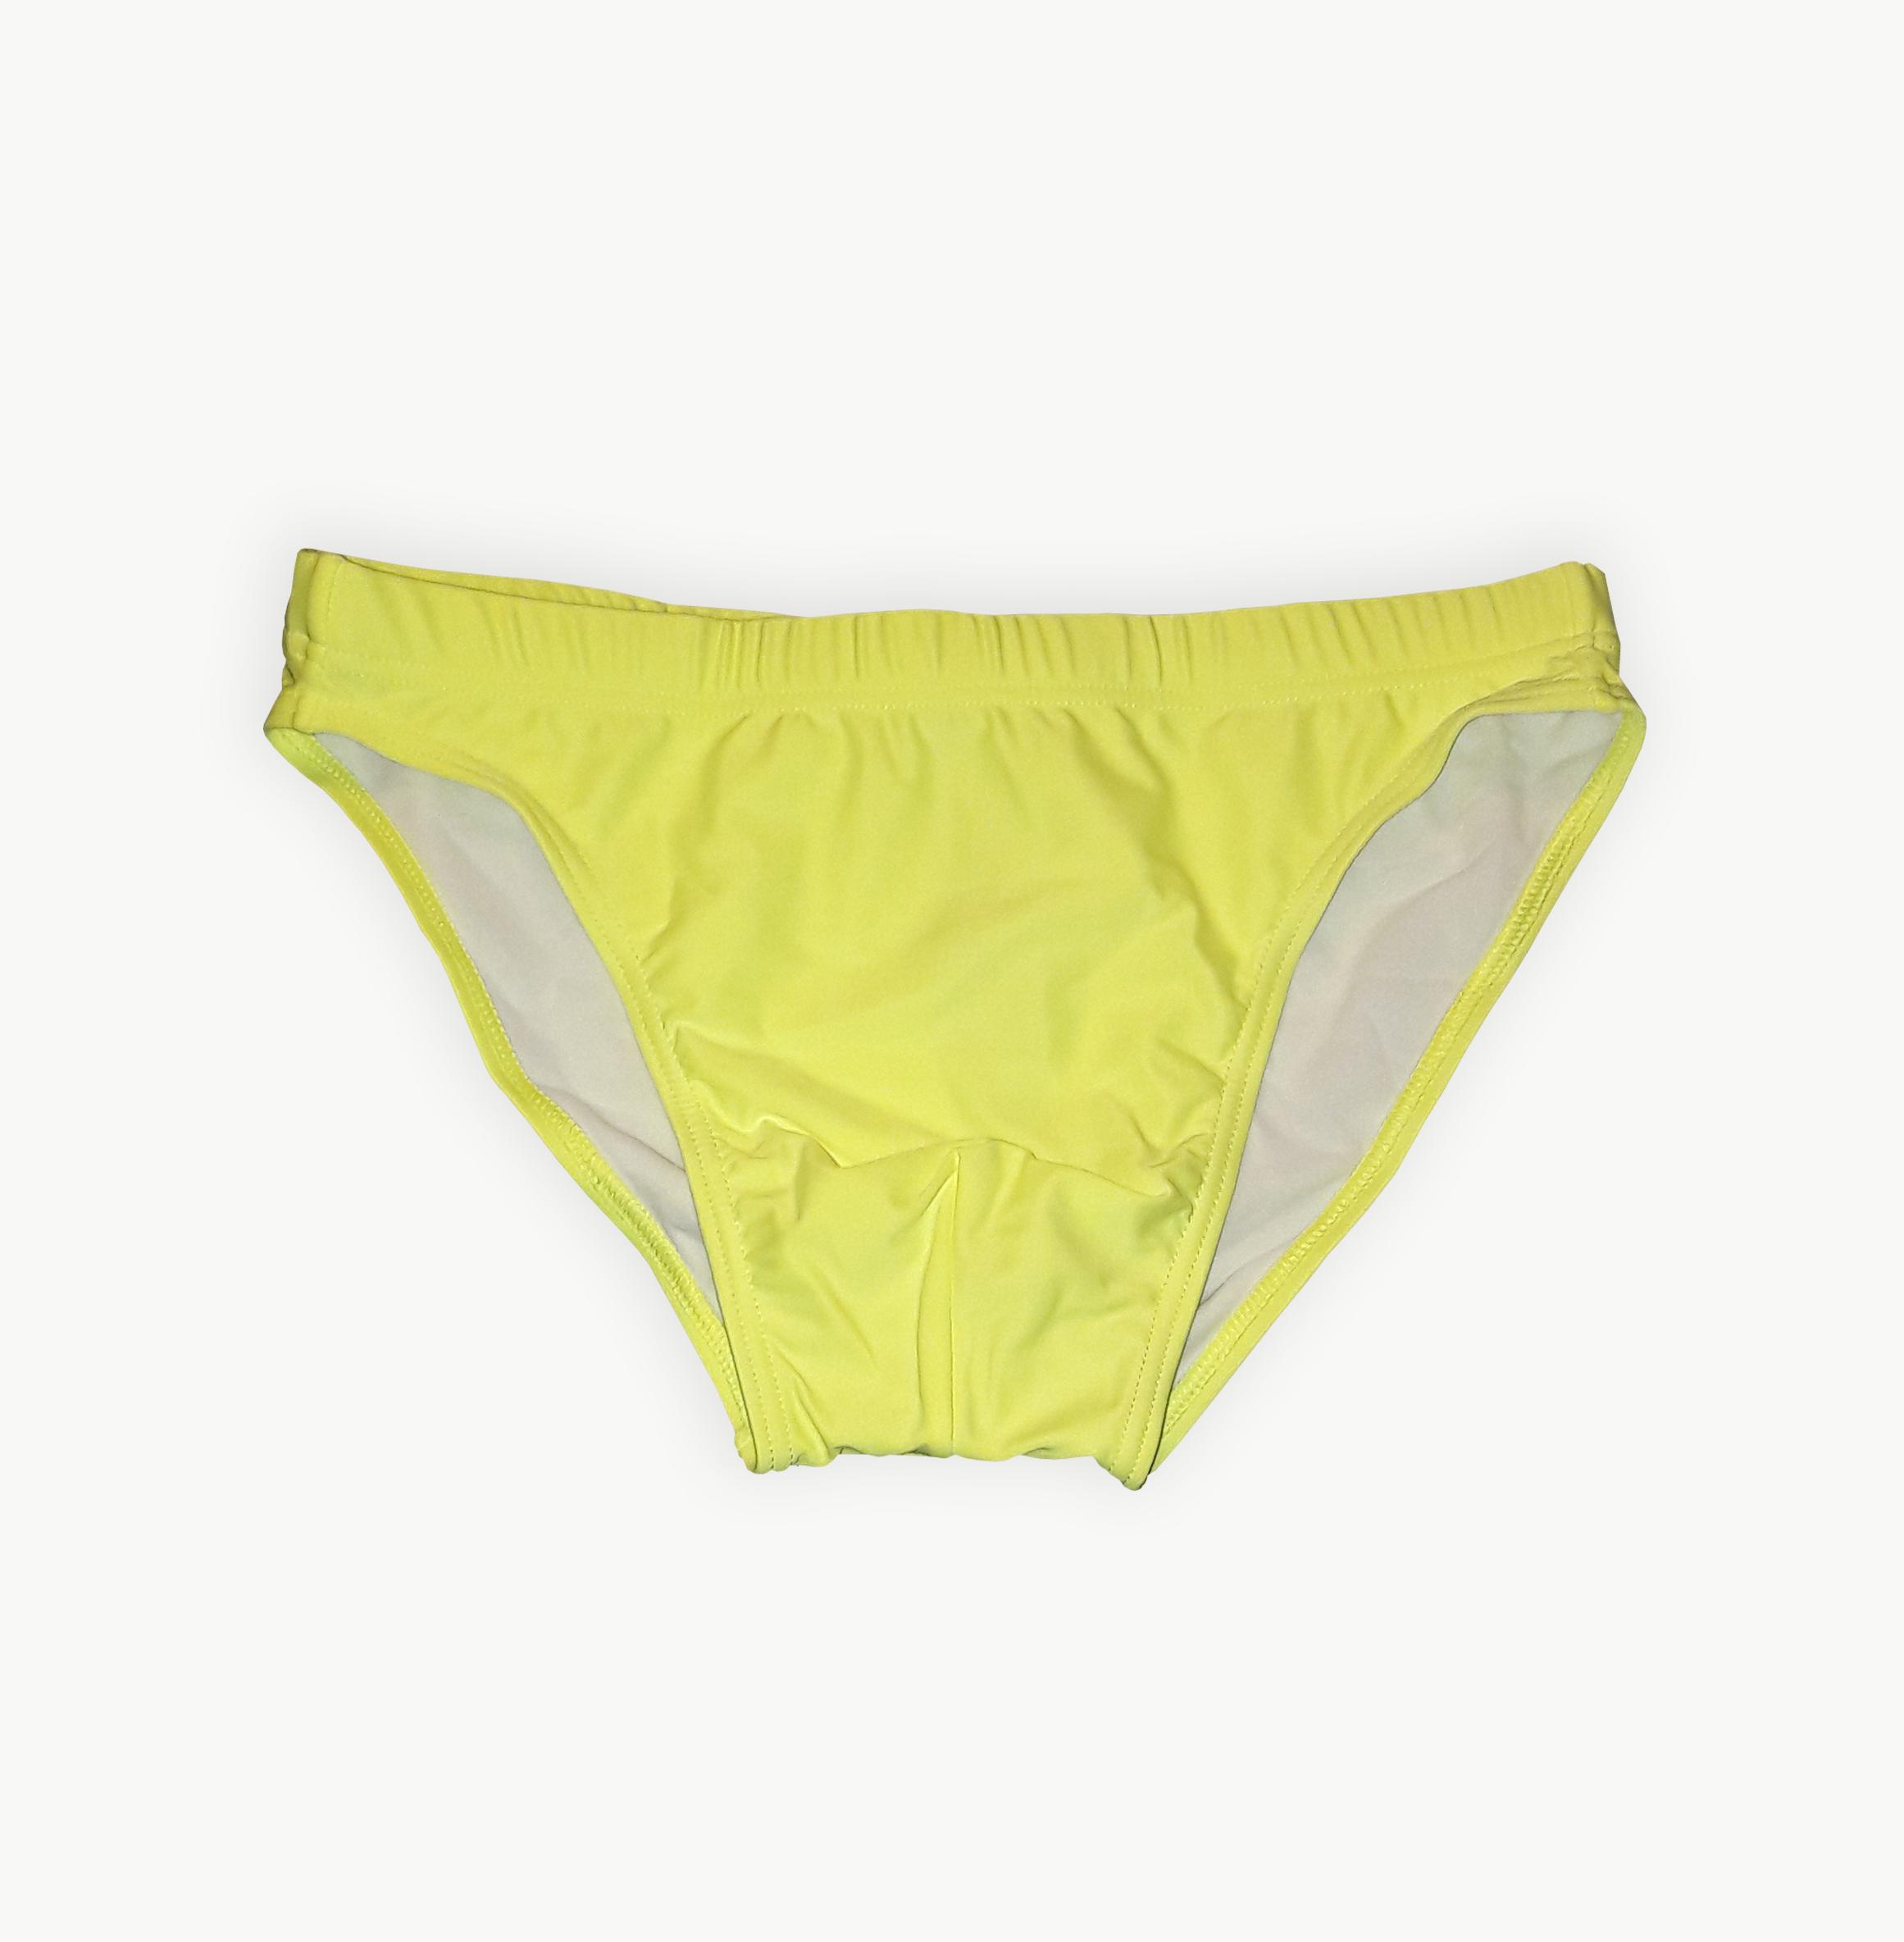 Jun 14, · Di seguito invece troviamo dei bikini sempre fluo sebbene non a fascia ma a triangolo. Il prezzo su amazon non è particolarmente vantaggioso, ma più o meno allineato agli altri. Infatti parliamo di €32 (convertiti dai dollari).